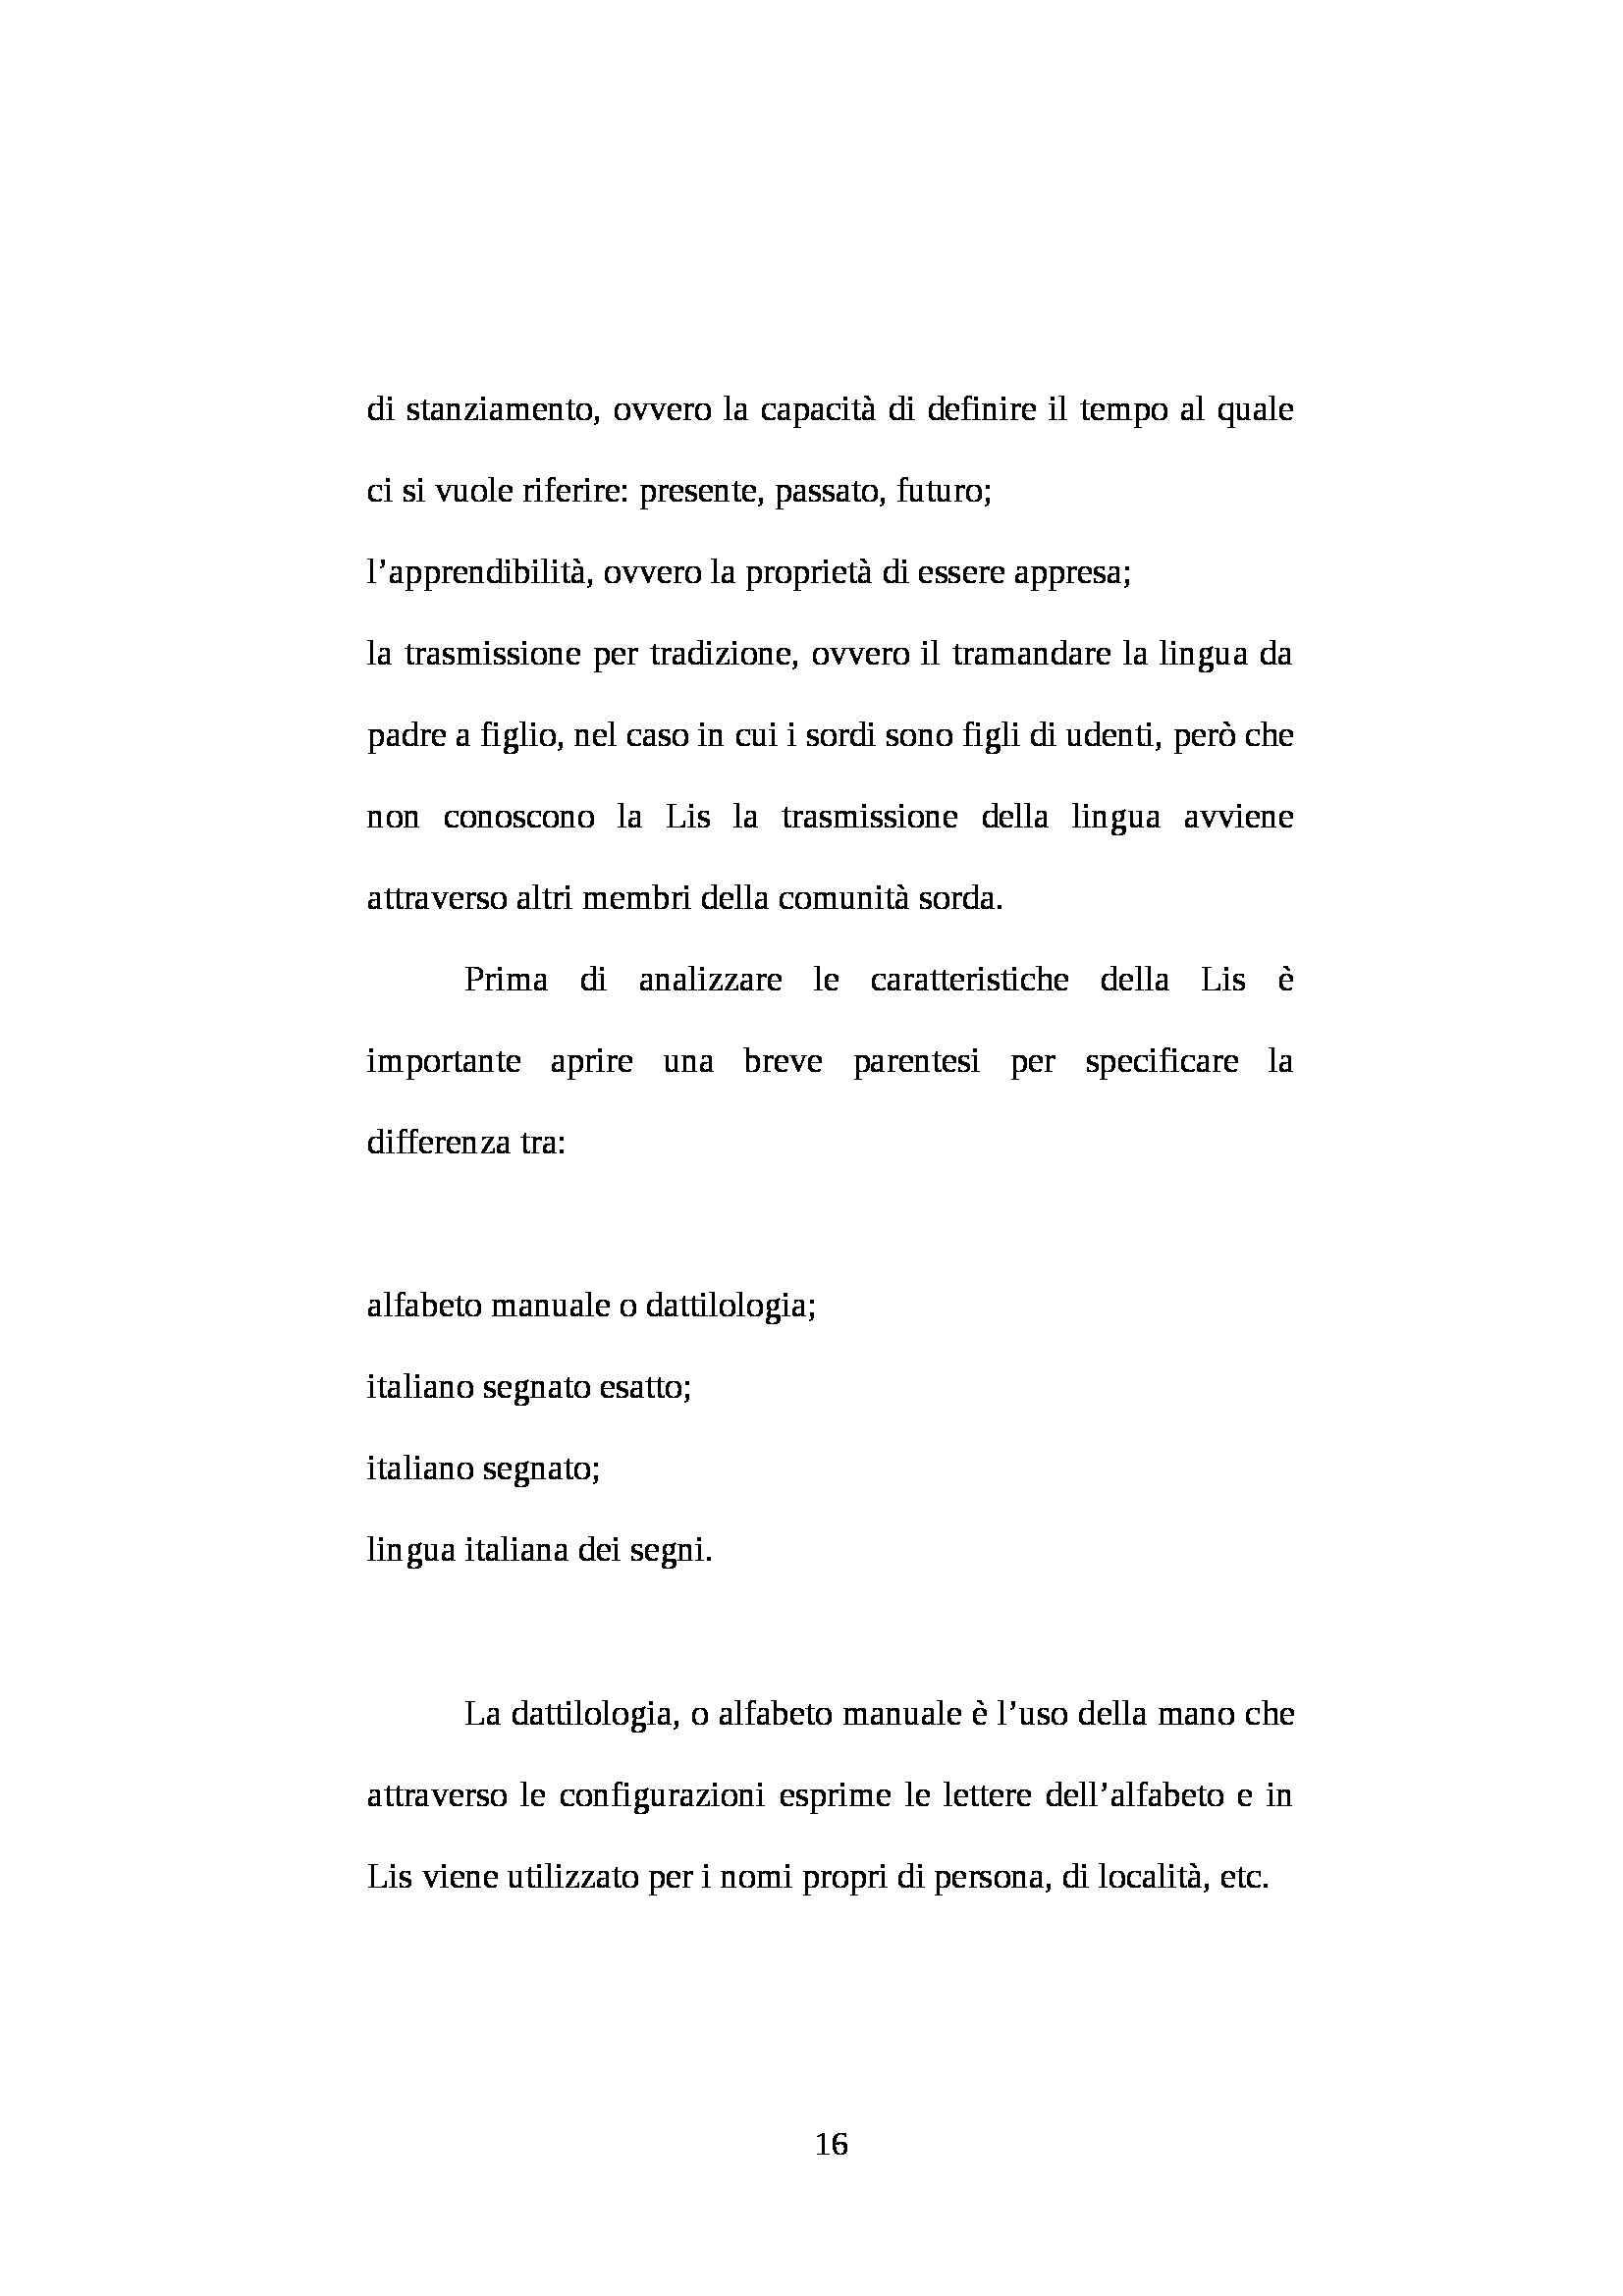 TESI VIAGGIO NELLA CITTA INVISIBILE ( L'handicap della sordità) Pag. 16